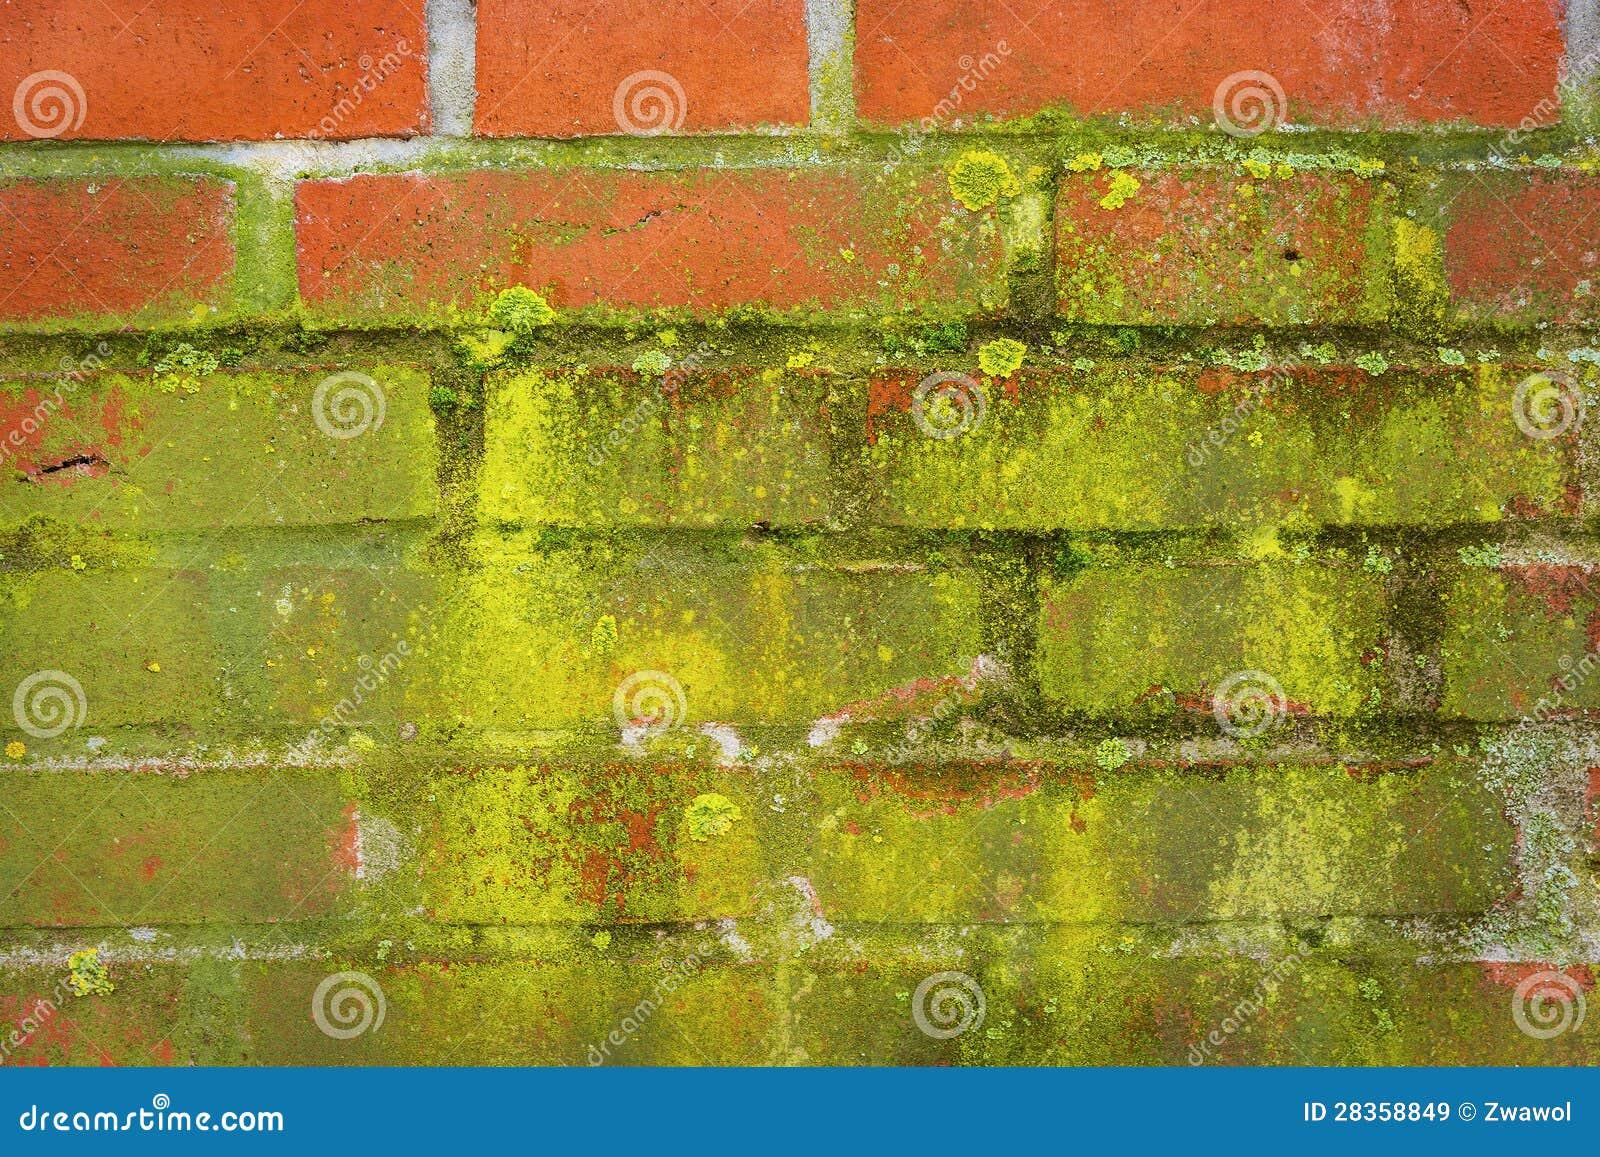 mousse verte sur un mur rouge images libres de droits image 28358849. Black Bedroom Furniture Sets. Home Design Ideas